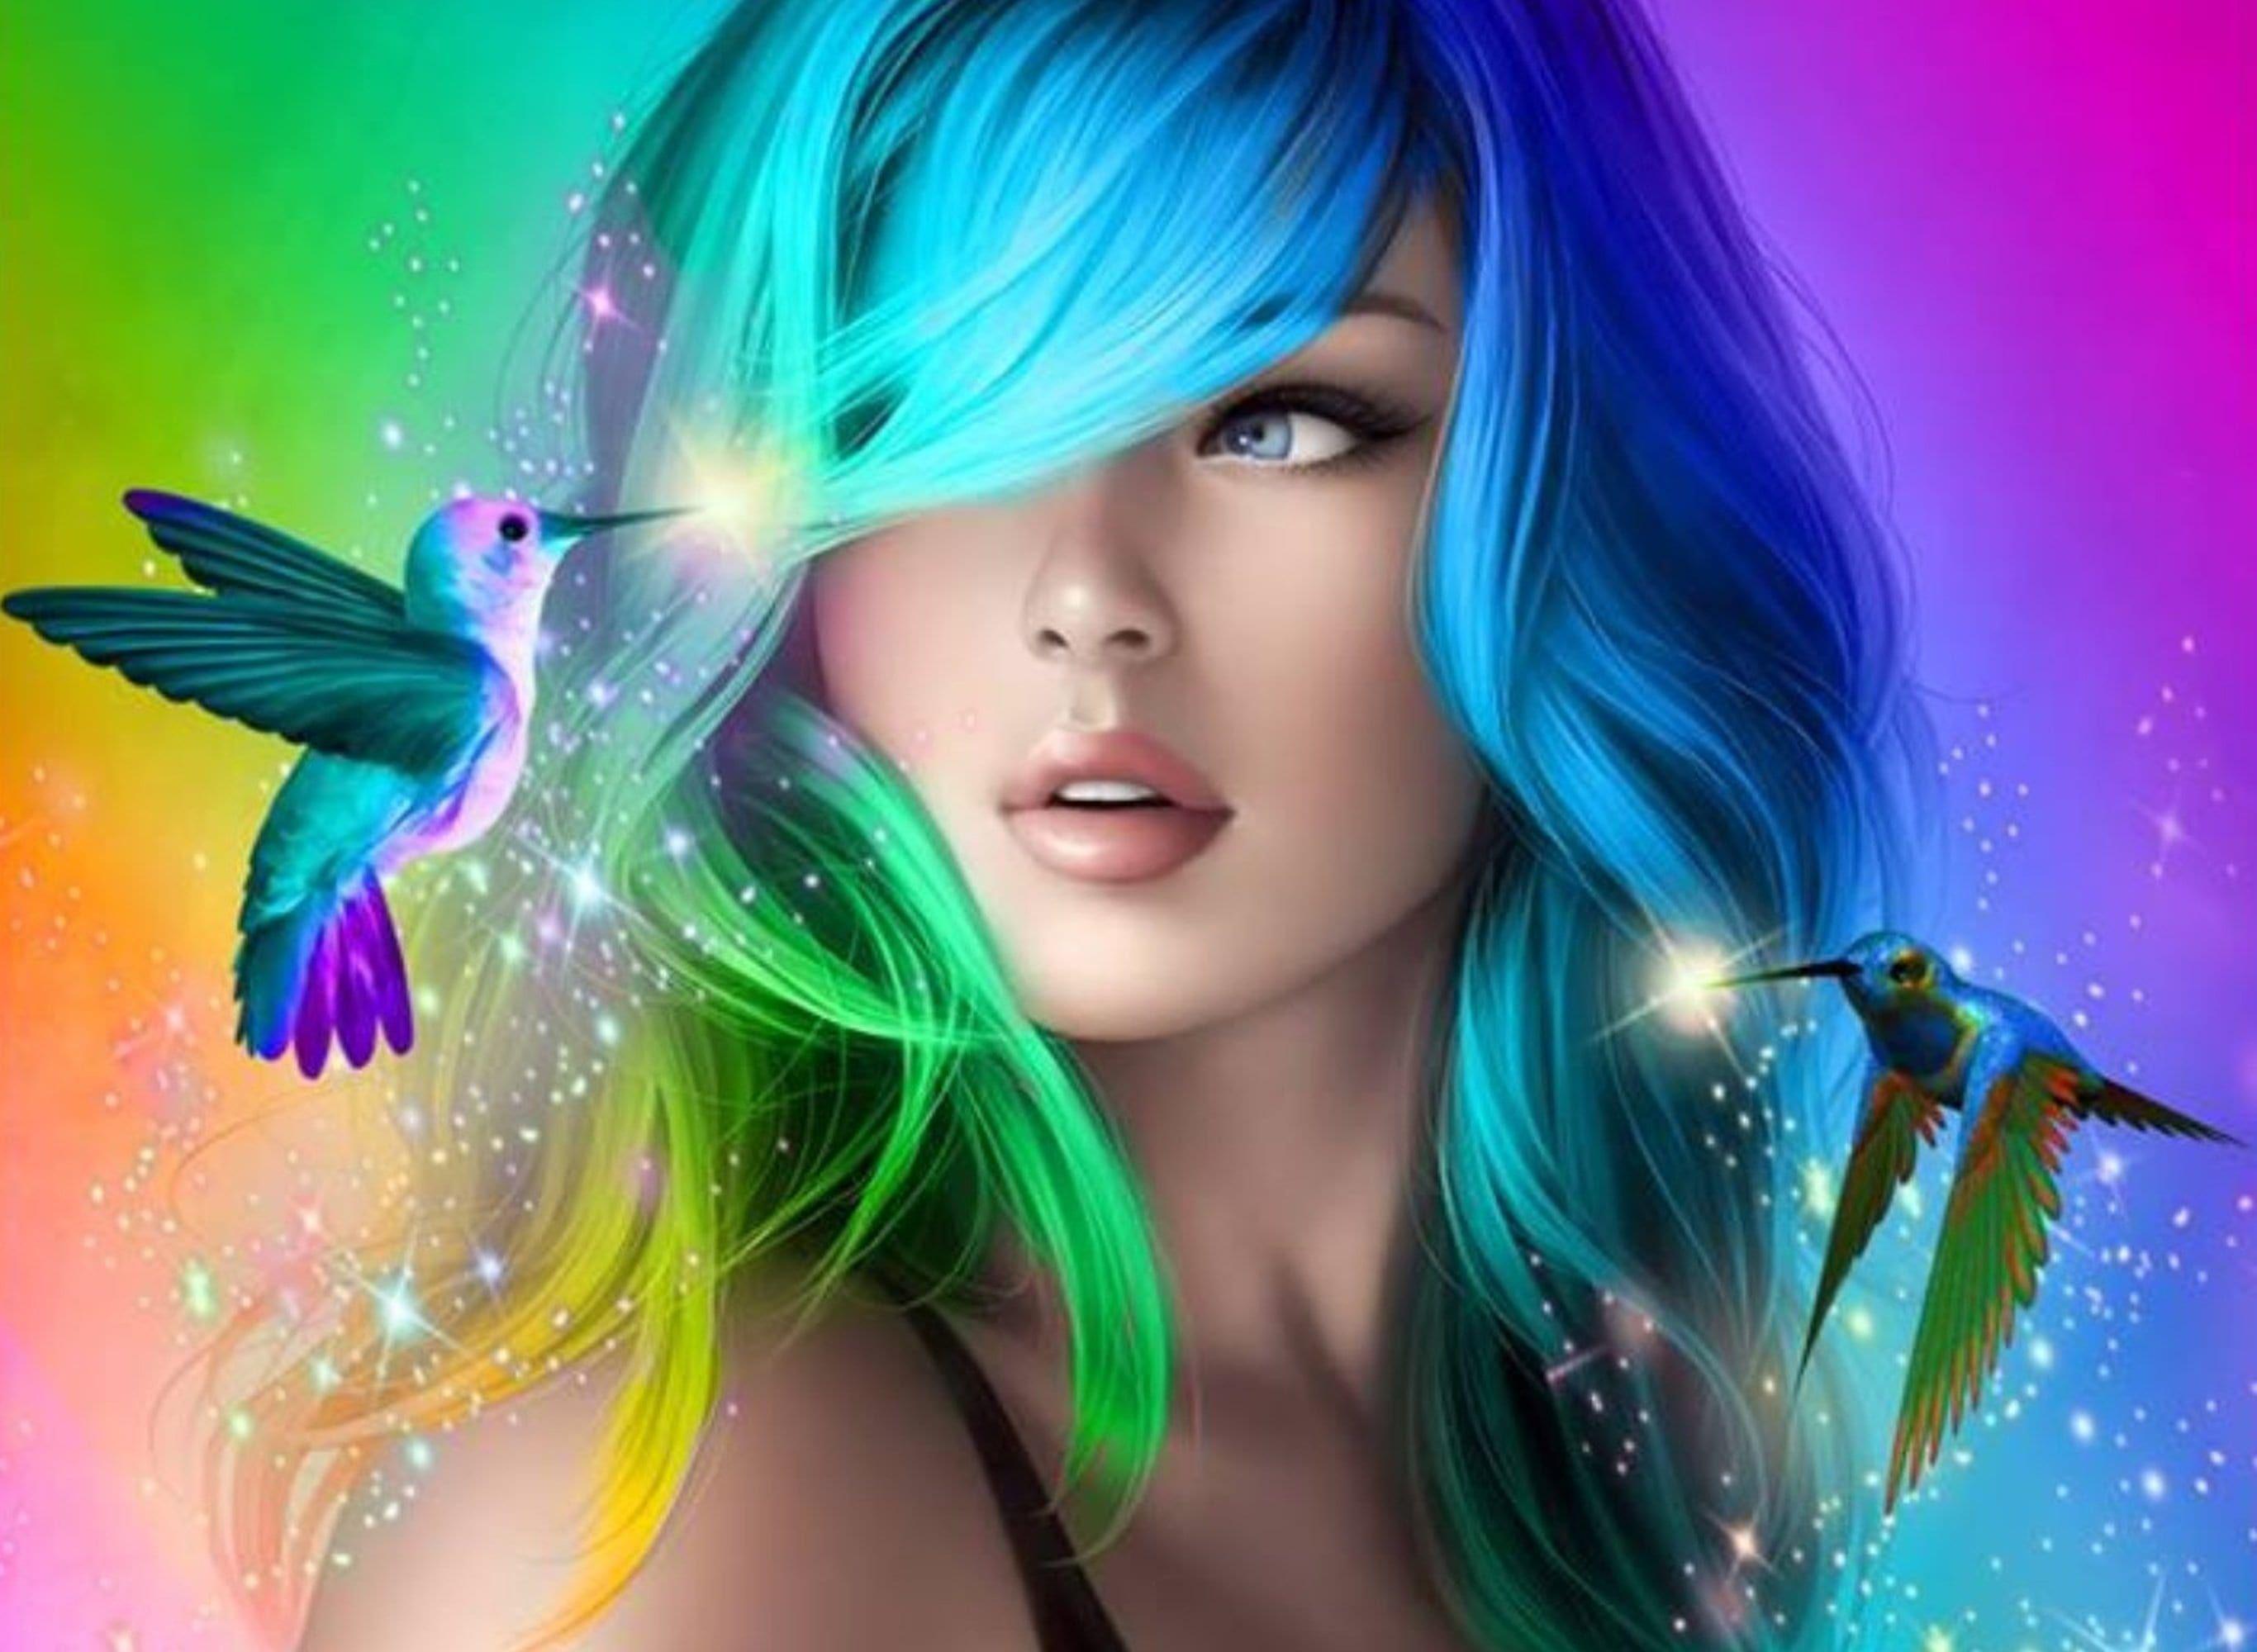 Desktophdwallpaper Org Beautiful Girl Wallpaper Rainbow Hair Beautiful Fantasy Art